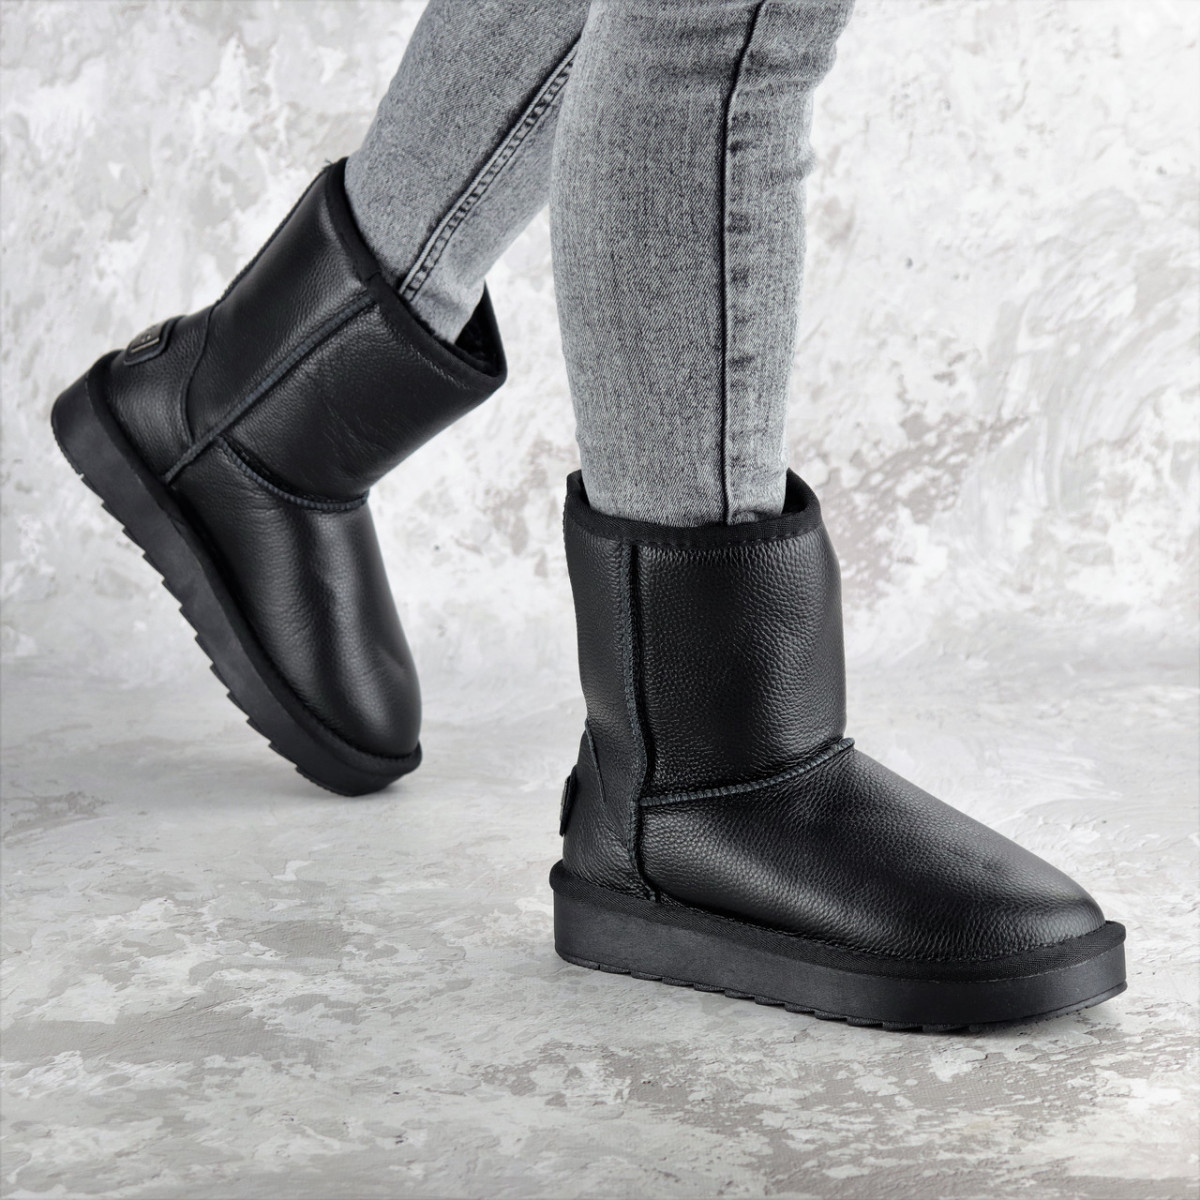 Угги женские Fashion Cinnamon 2342 40 размер 25,5 см Черный